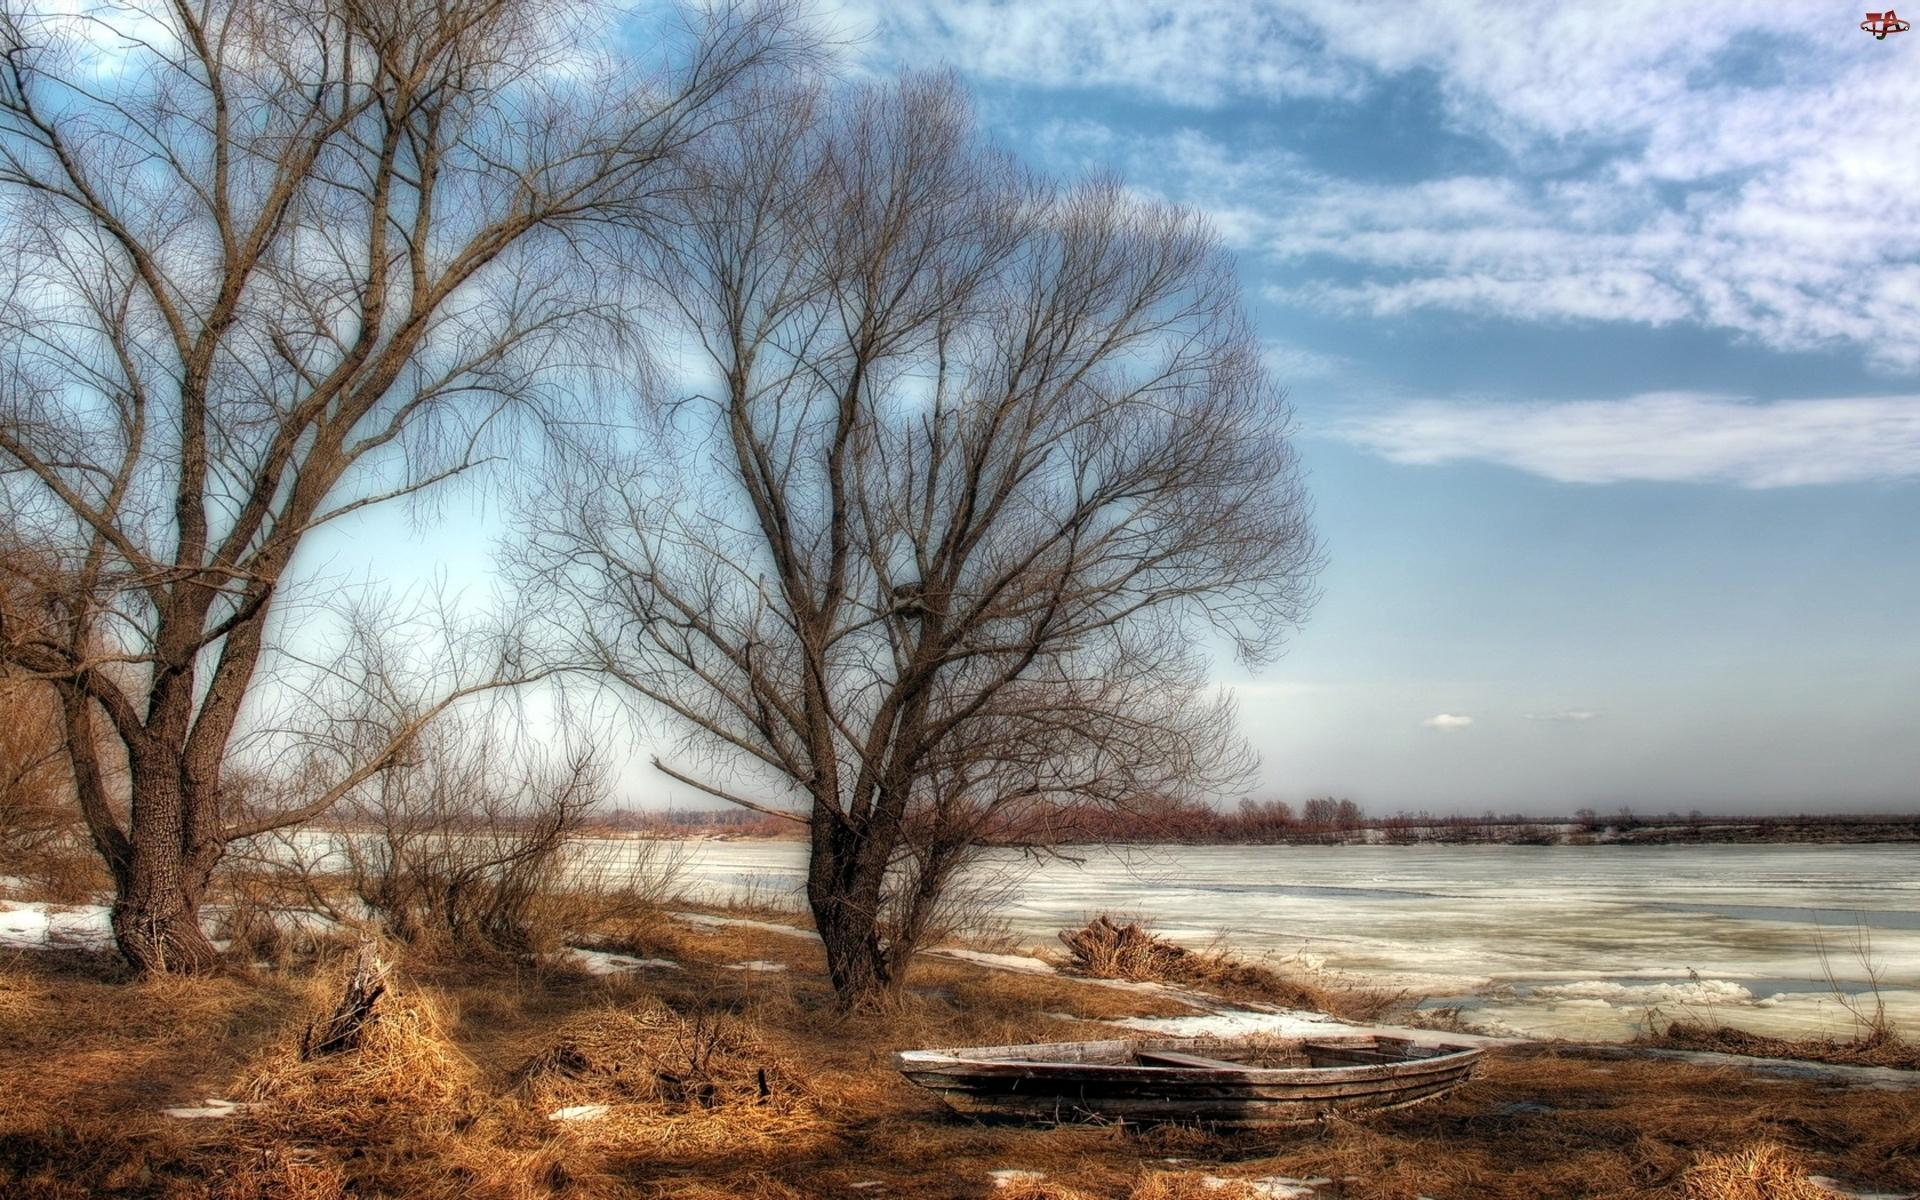 Chmury, Rzeka, Zima, Drzewa, Łódź